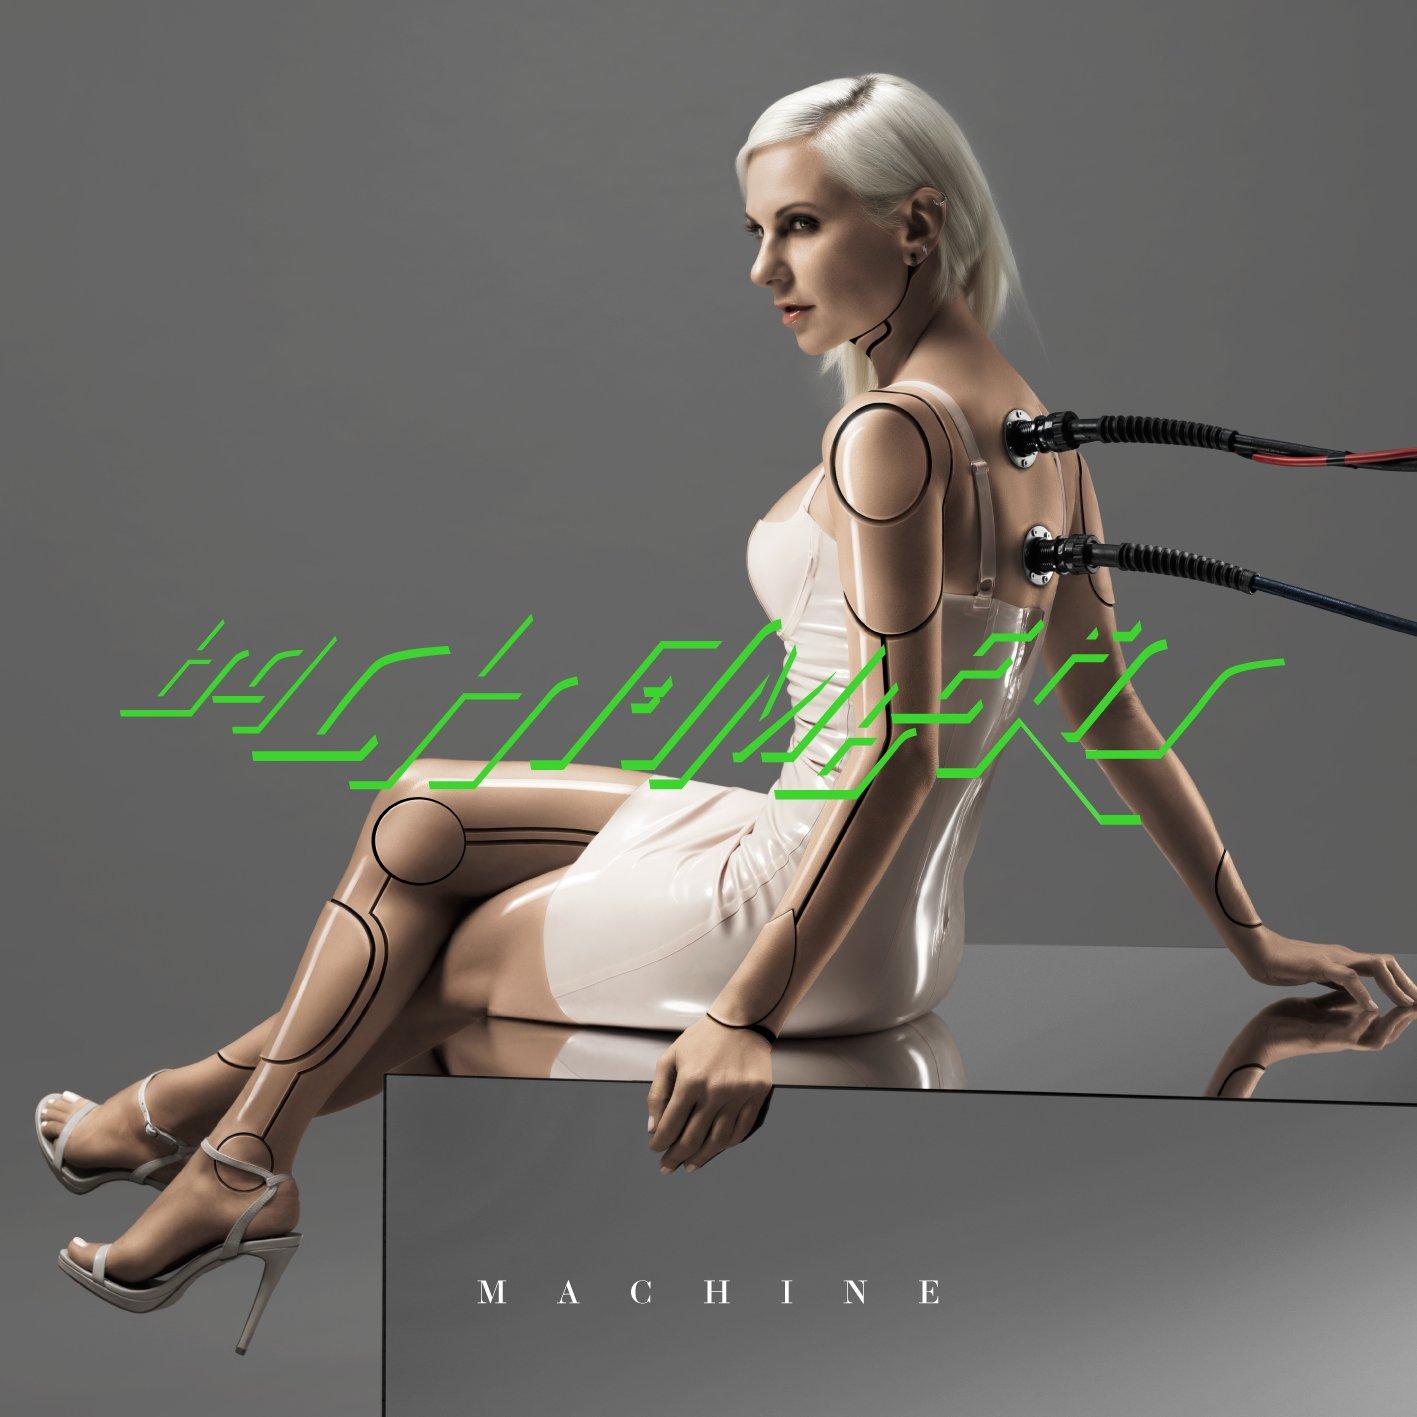 CD : 69 Chambers - Machine (CD)